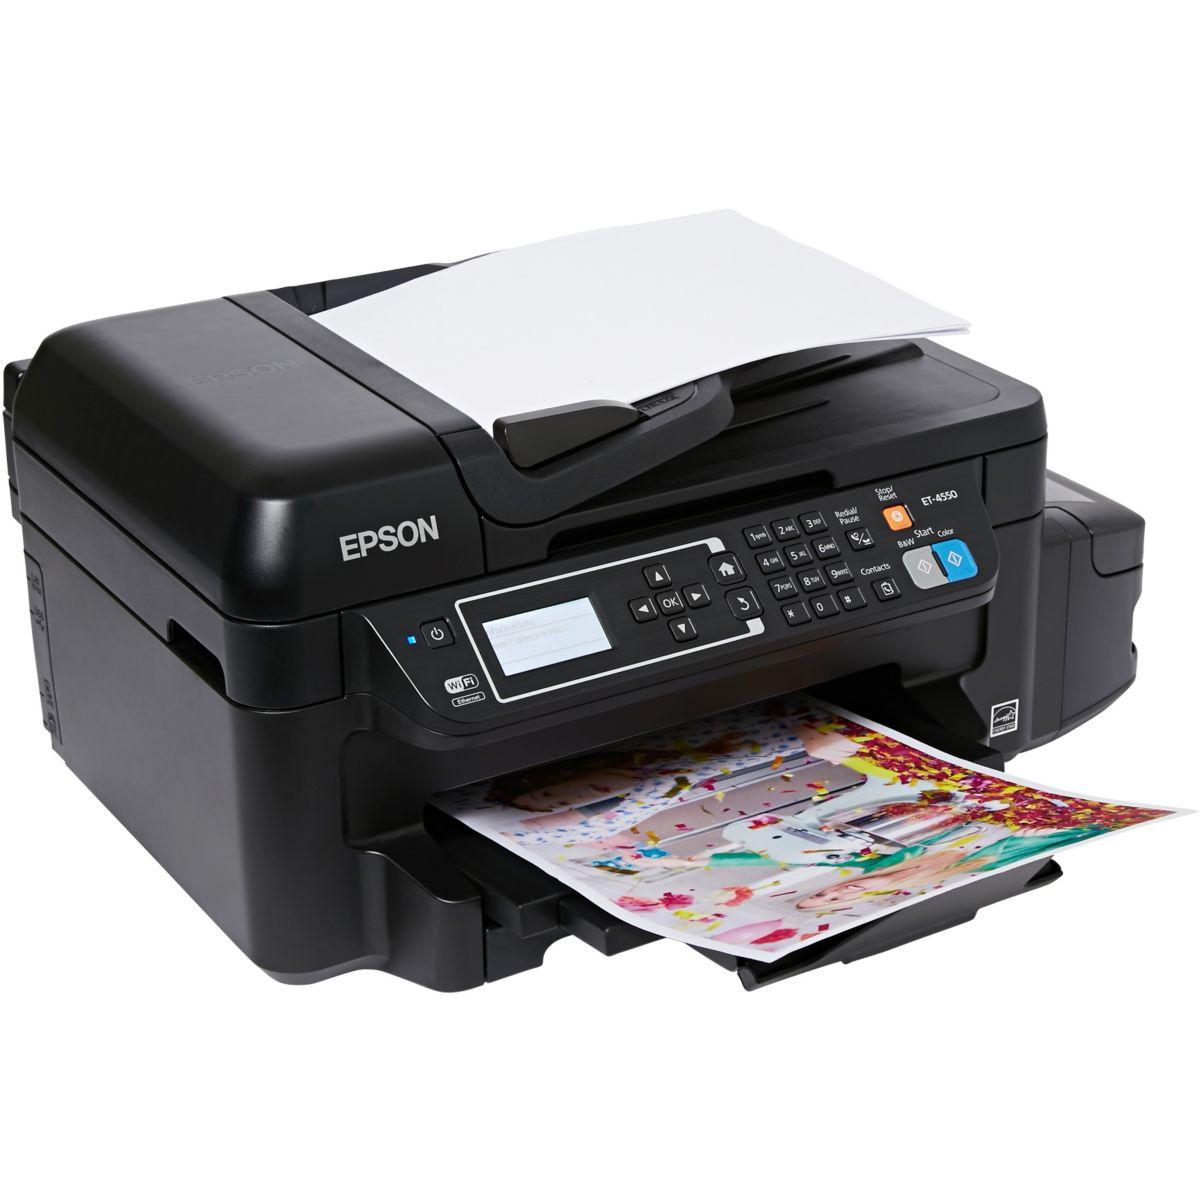 Imprimante multifonction jet d'encre EPSON EcoTank ET-4550